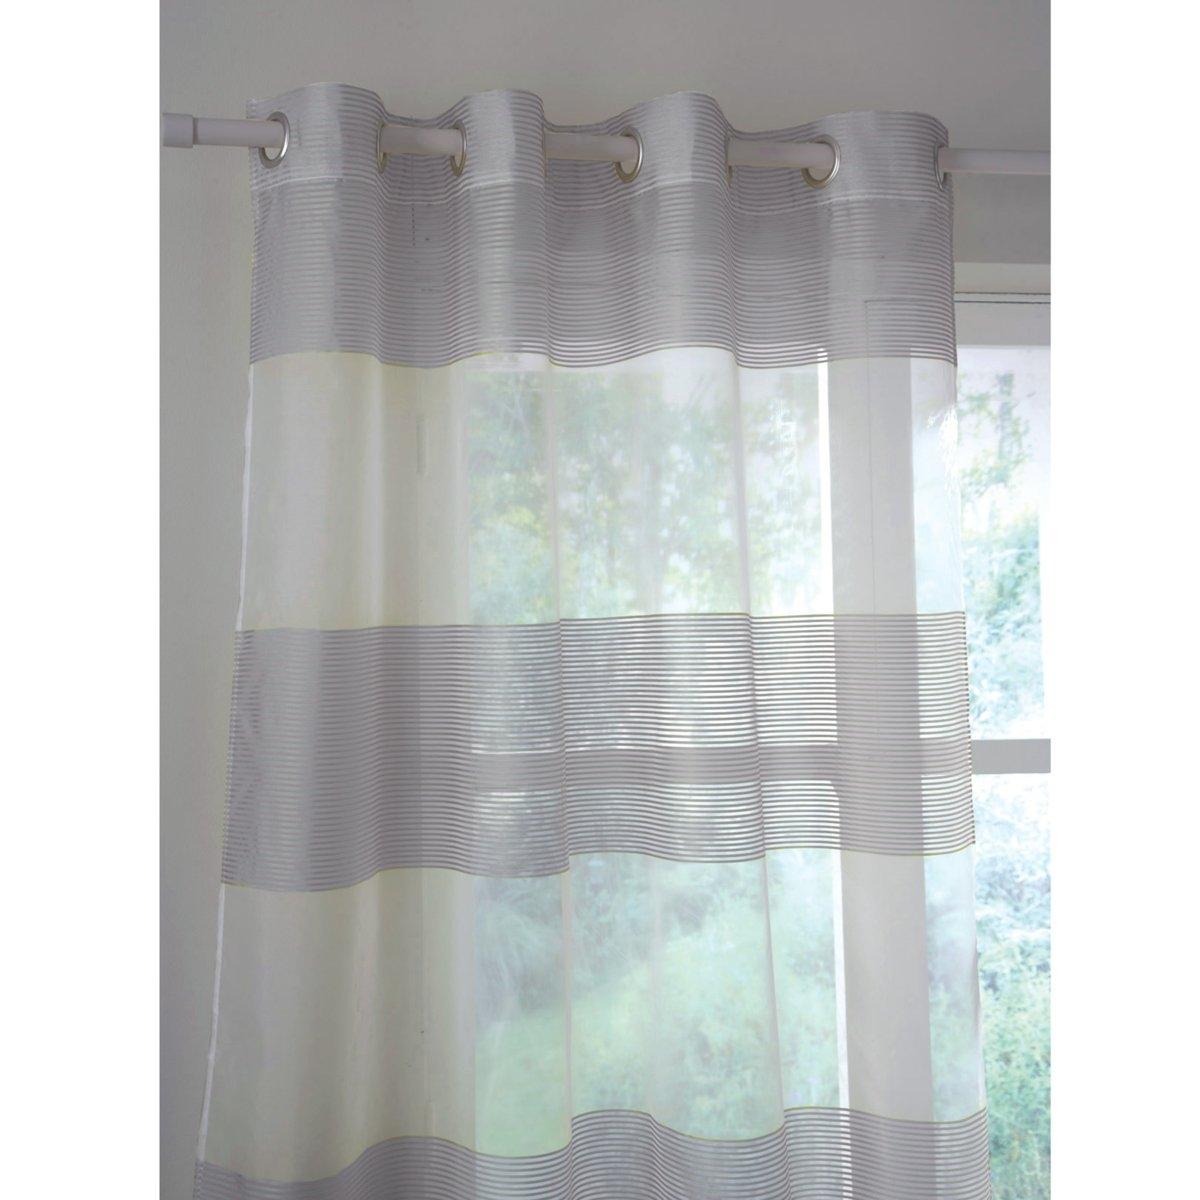 Занавеска в широкую полоску, с люверсами, LindaЭта занавеска из ткани деворе очень высокого качества придаст легкости вашему интерьеру. Широкие полоски утонченных цветов на прозрачном фоне.Занавеска из ткани деворе, 100% полиэстер. Подшитый низ. С люверсами. Стирка при 30°.Имеются следующие размеры :- В 250 x Д 140 см                     - В 180 х Д 140  и разные цвета:                         - Зеленый                       - Розовая фуксия                       - Серый, белый                       - Темно-коричневый<br><br>Цвет: белый,серый,темный серо-каштановый<br>Размер: 250 x 140  см